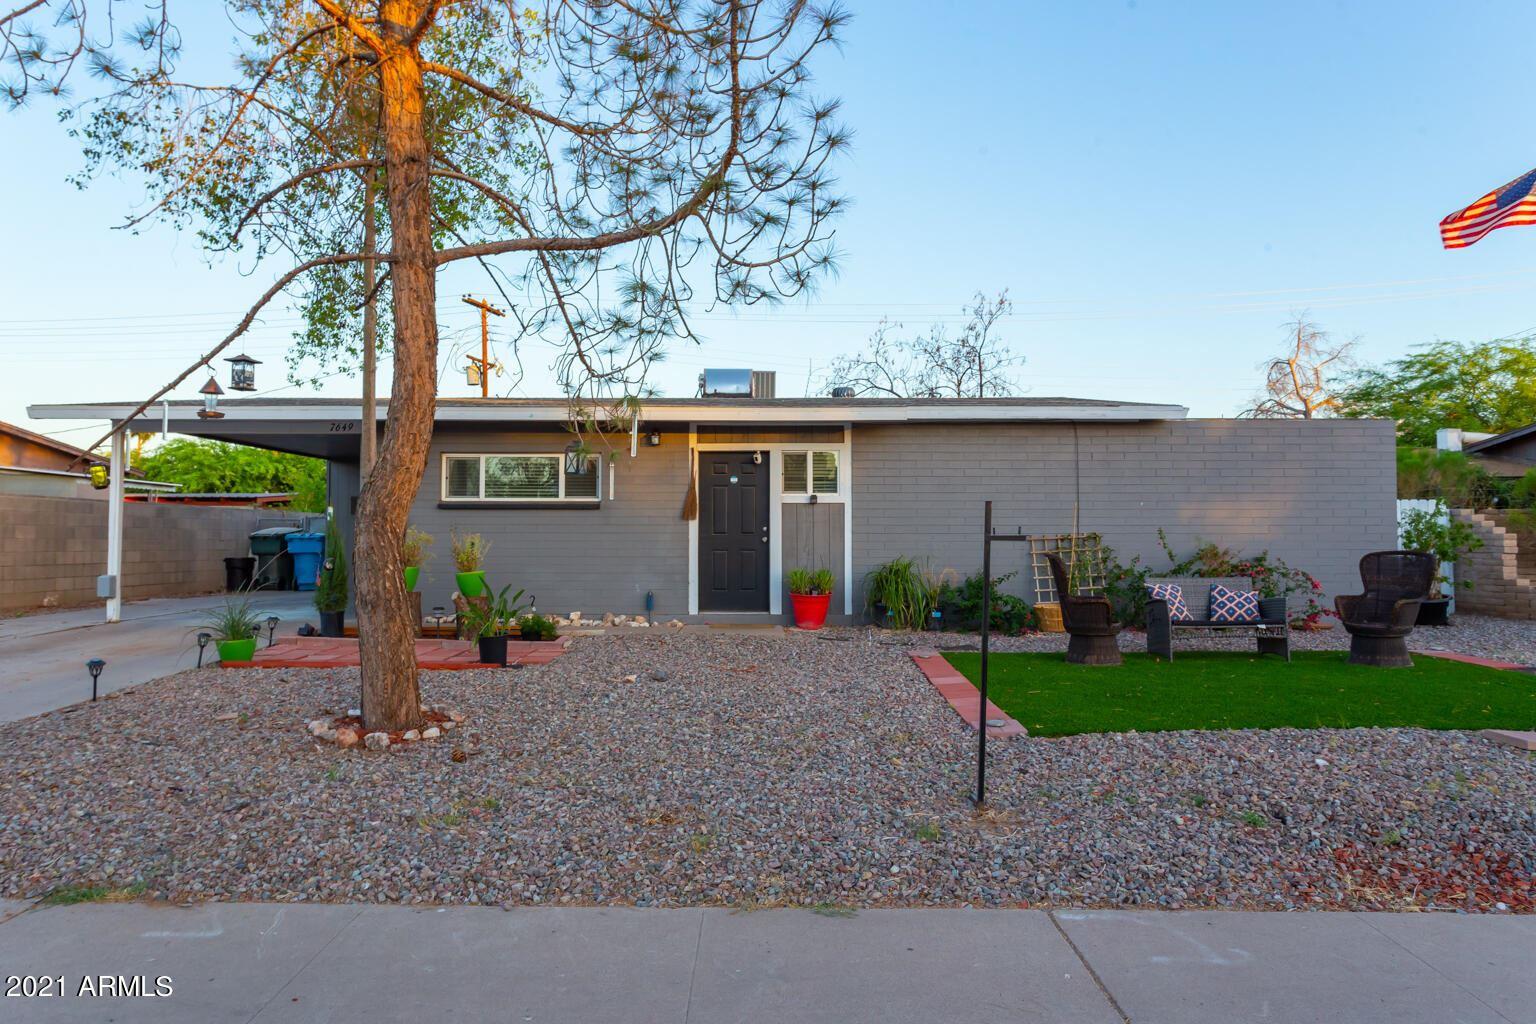 7649 W WHITTON Avenue, Phoenix, AZ 85033 - MLS#: 6236094